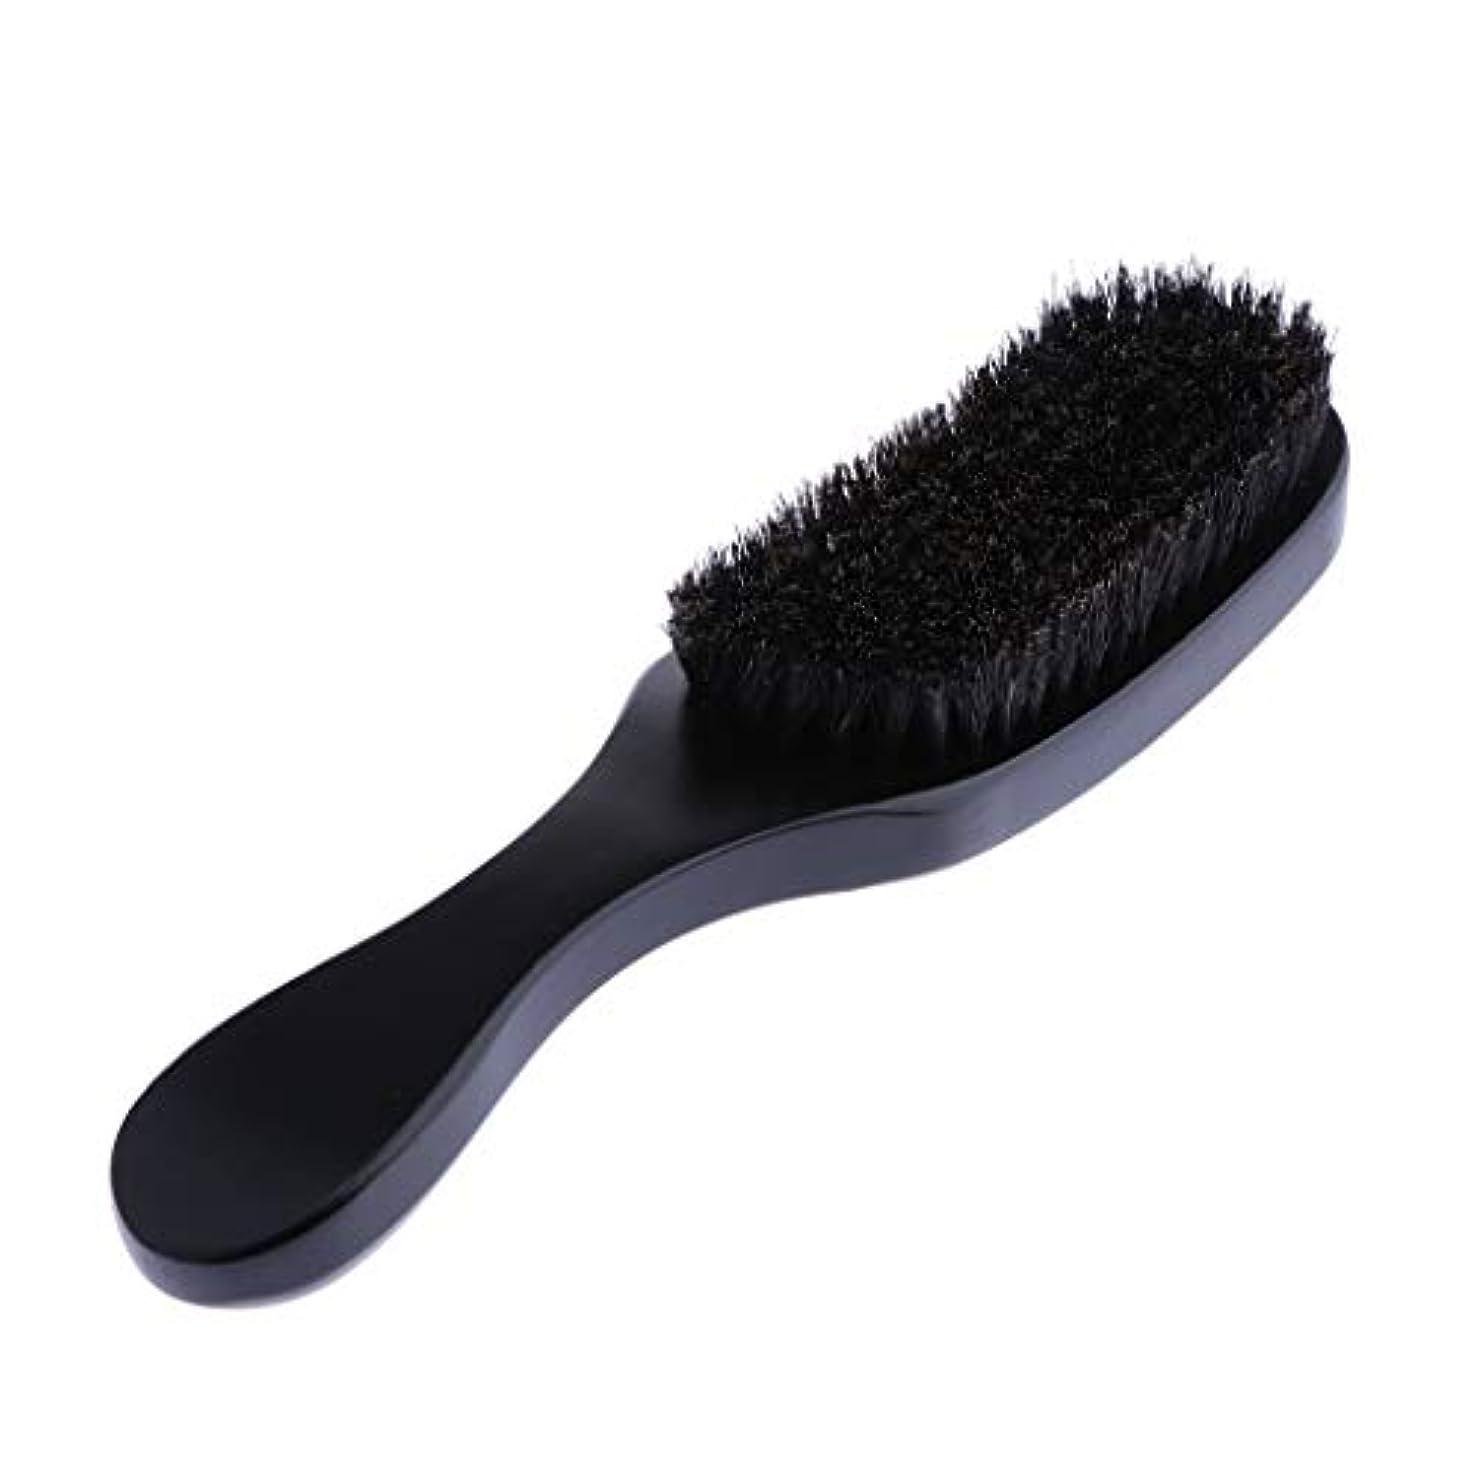 傾いた走るダウンひげと口ひげのシェーピング用の男性用ひげブラシ-すべてのひげバームとオイルで動作-色を選択 - ブラック